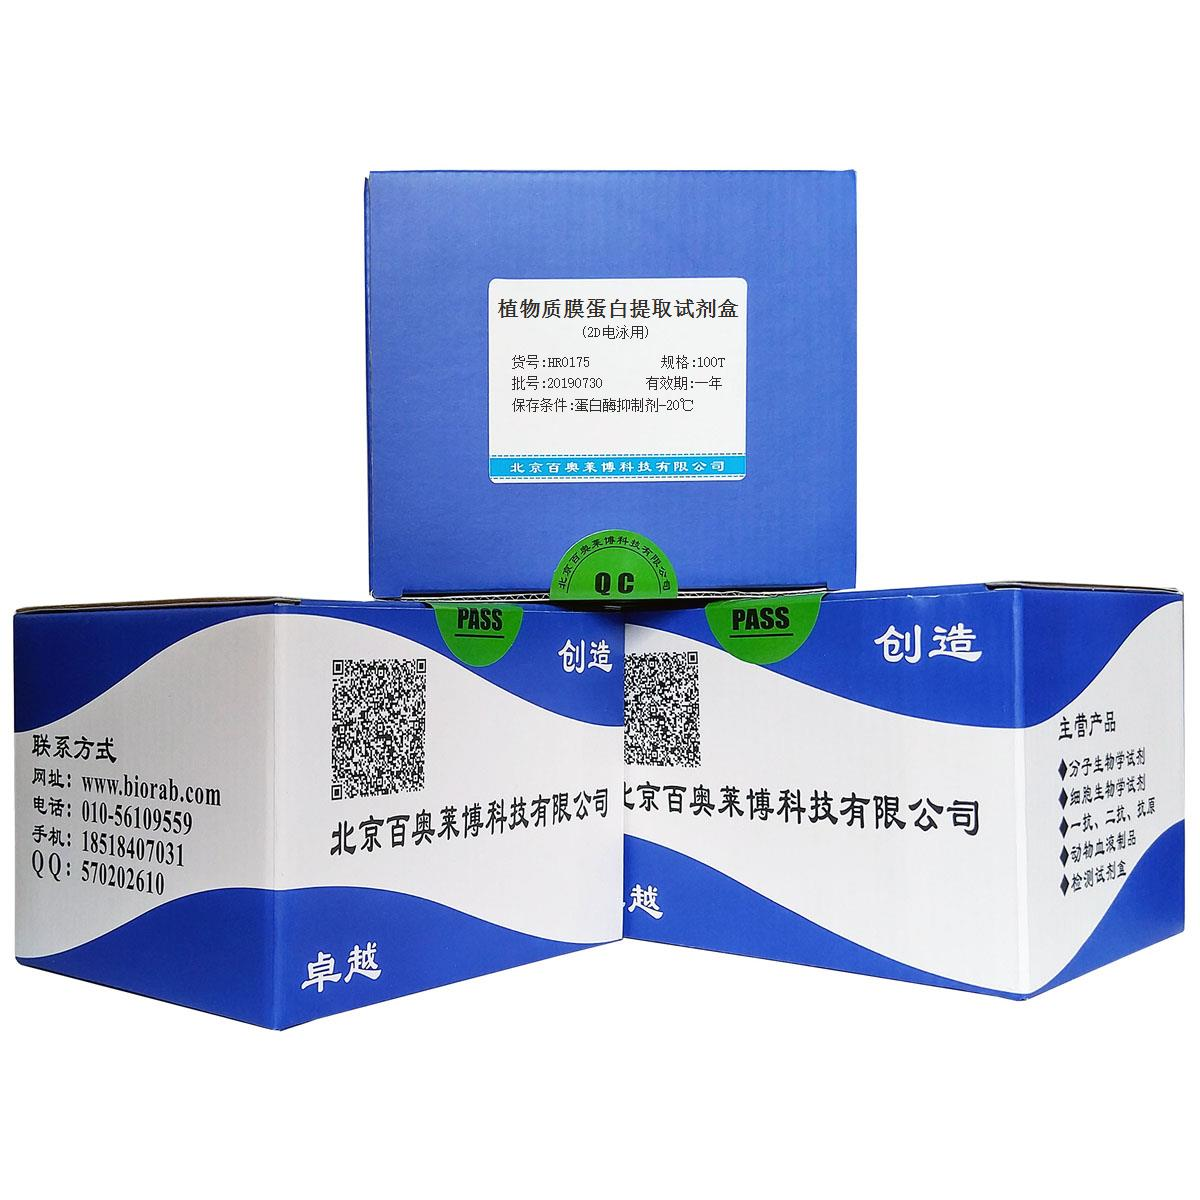 植物质膜蛋白提取试剂盒(2D电泳用)报价